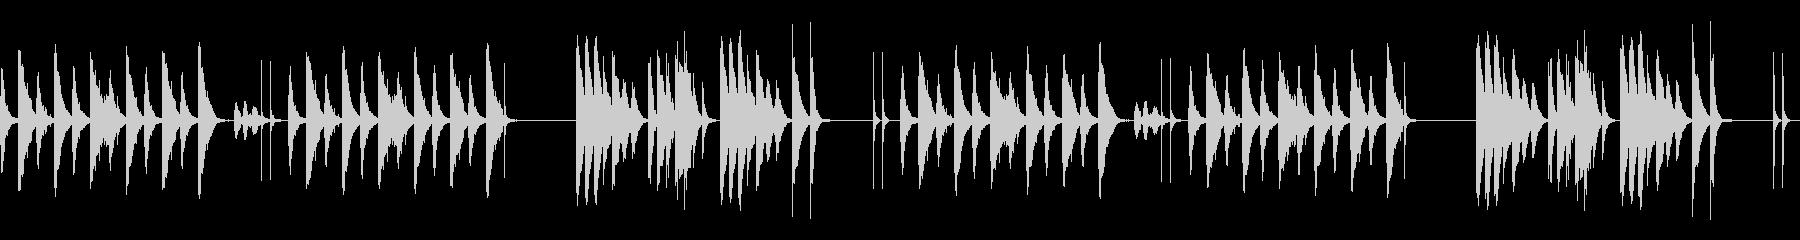 劇伴 シンプル 日常 間抜けBの未再生の波形